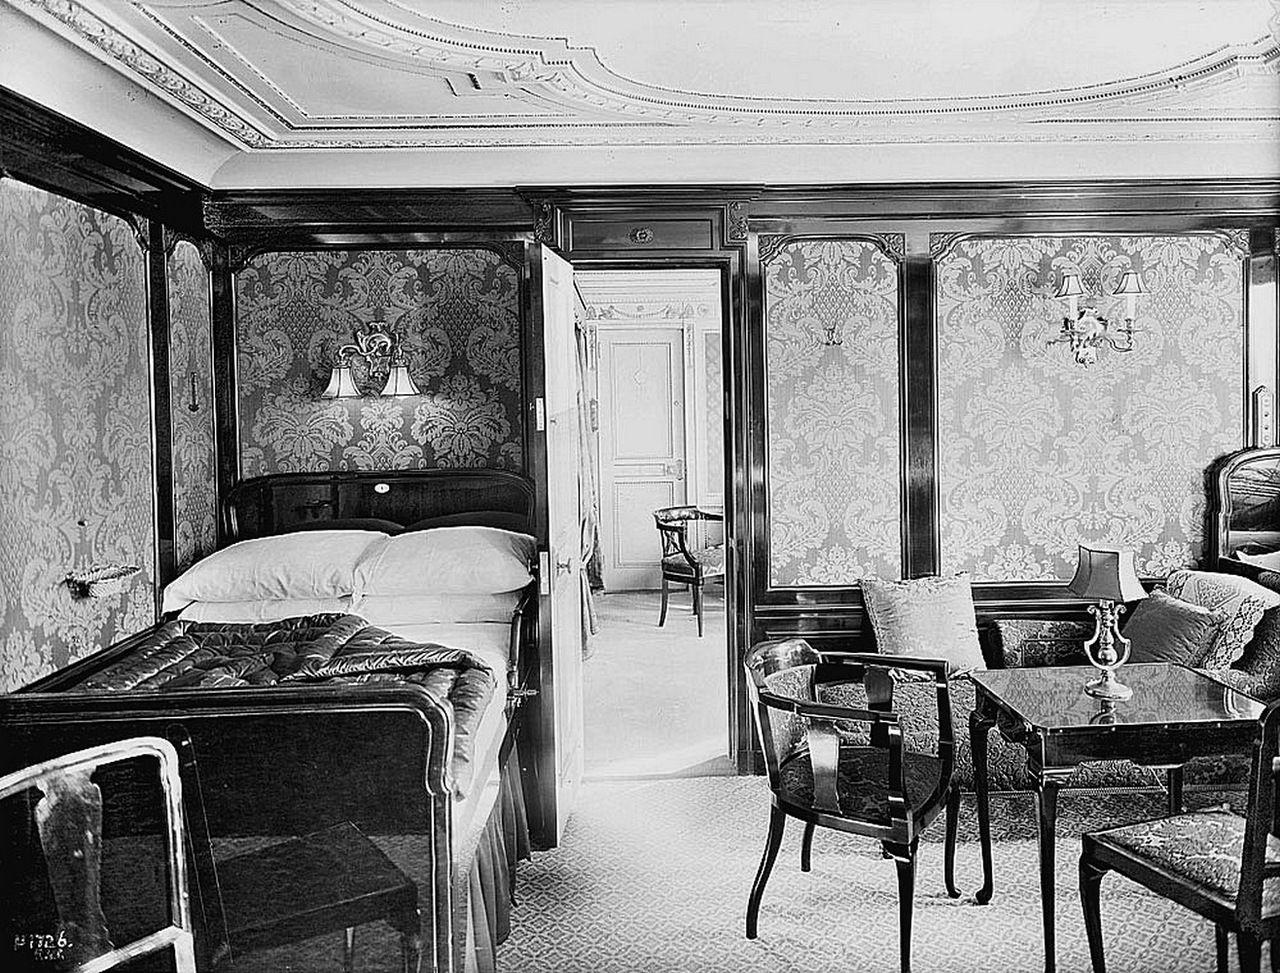 Cabine B 60 A Bord Du Titanic Decoree Dans Le Style Queen Anne Lambris En Acajou Et En Soie Damassee Cabin B 60 Aboar Titanic Titanic Deaths Titanic Ship